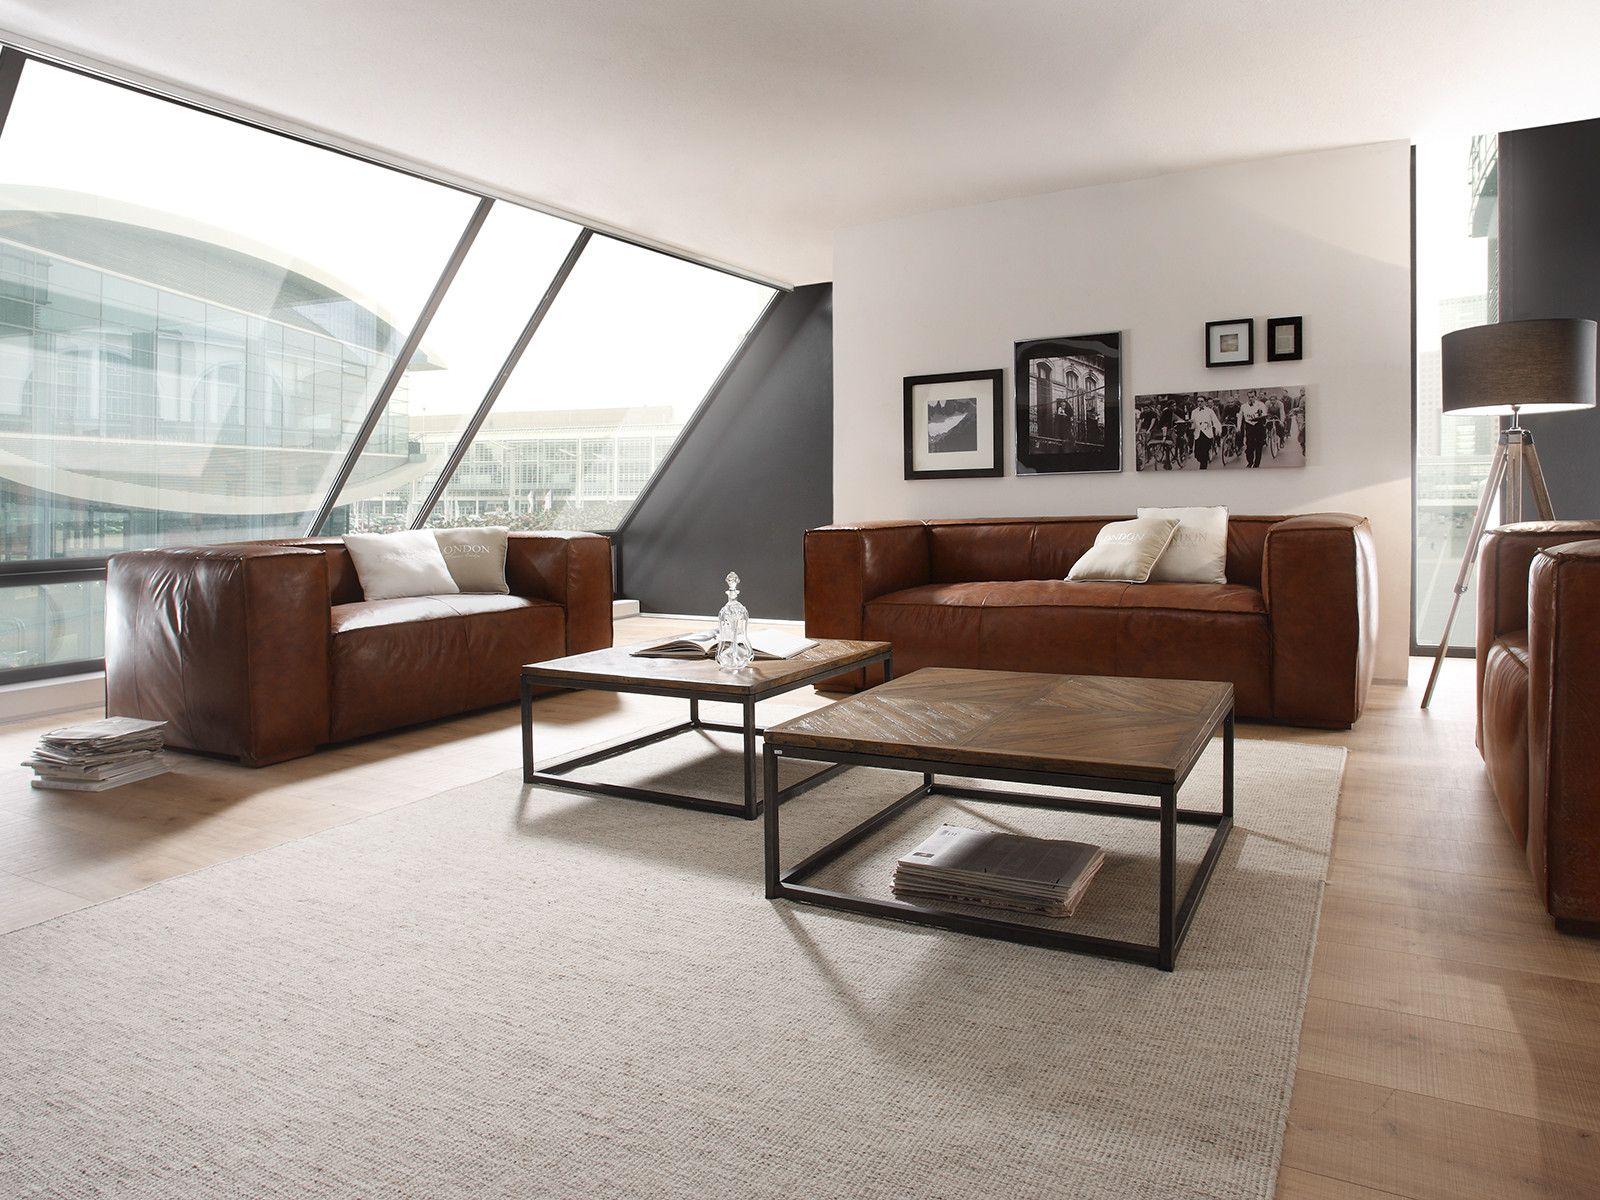 Groß Wohnzimmer Vintage Style Braun Bilder - Die Designideen für ...